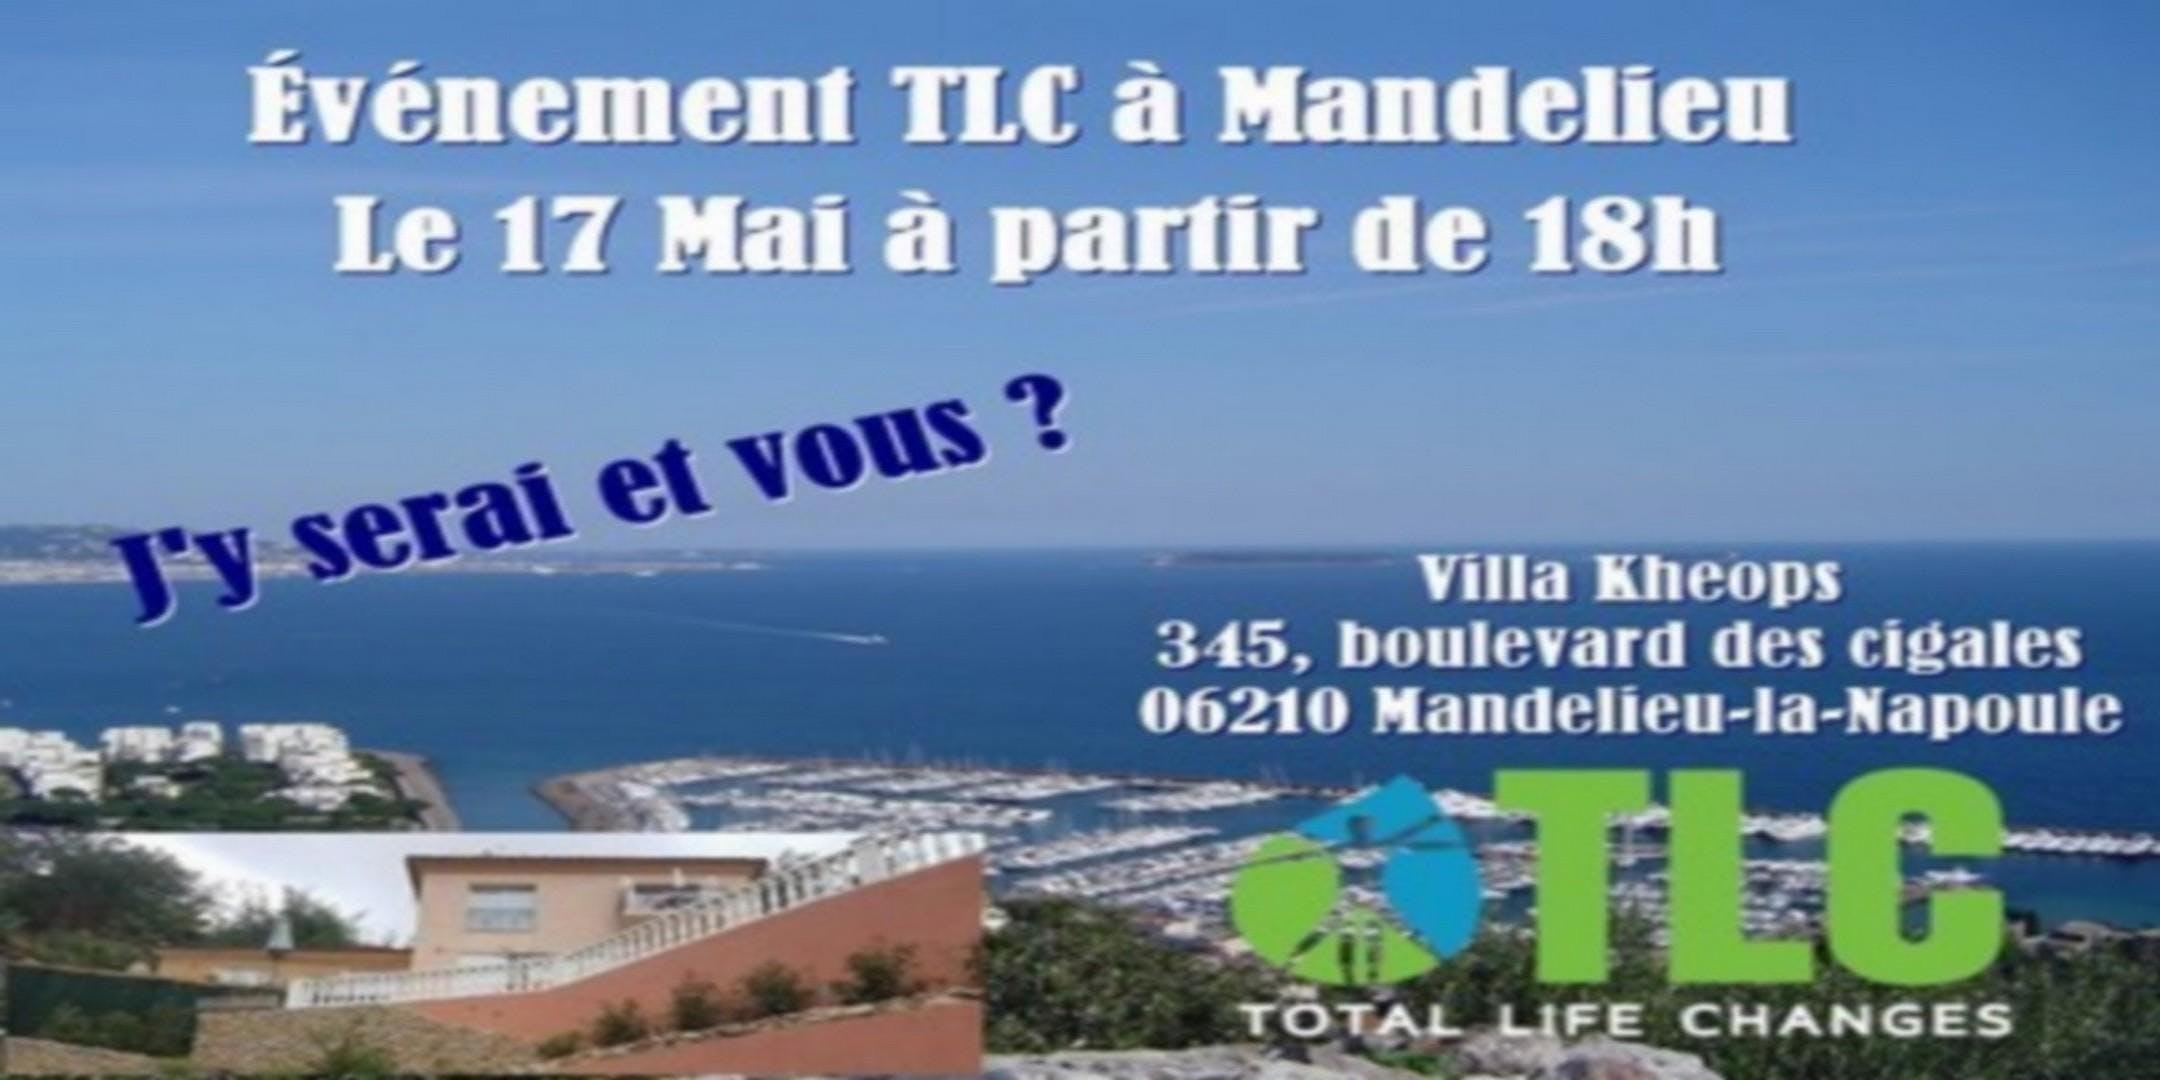 Event TLC Mandelieu